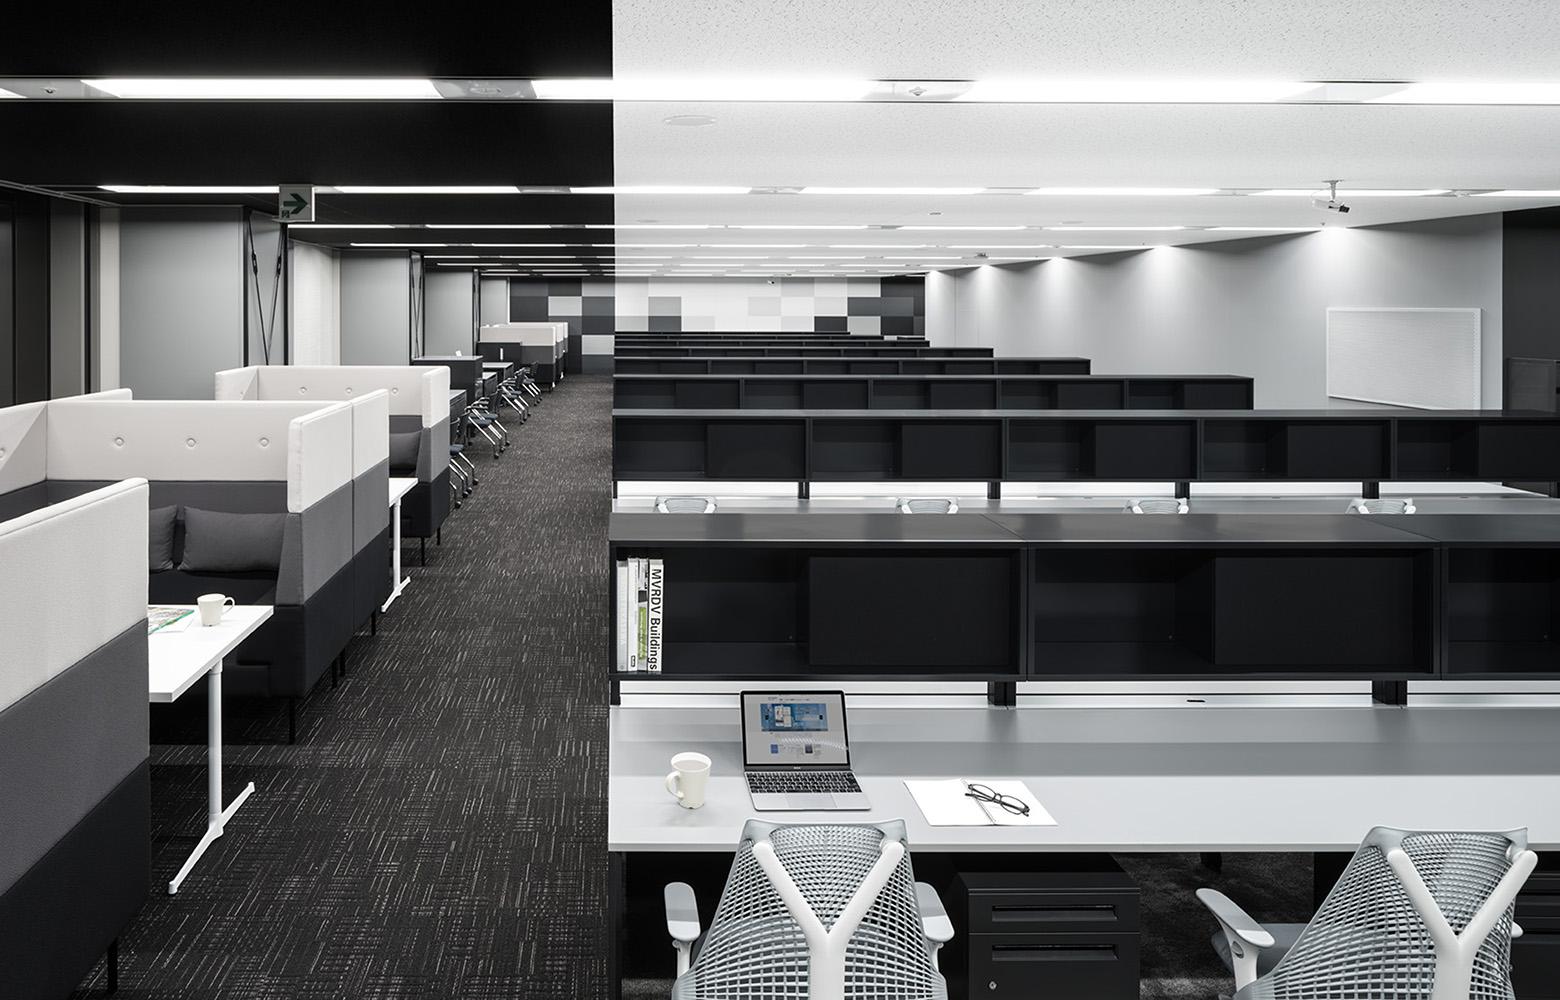 株式会社NTTデータMSE Shinagawa Office Work Space デザイン・レイアウト事例